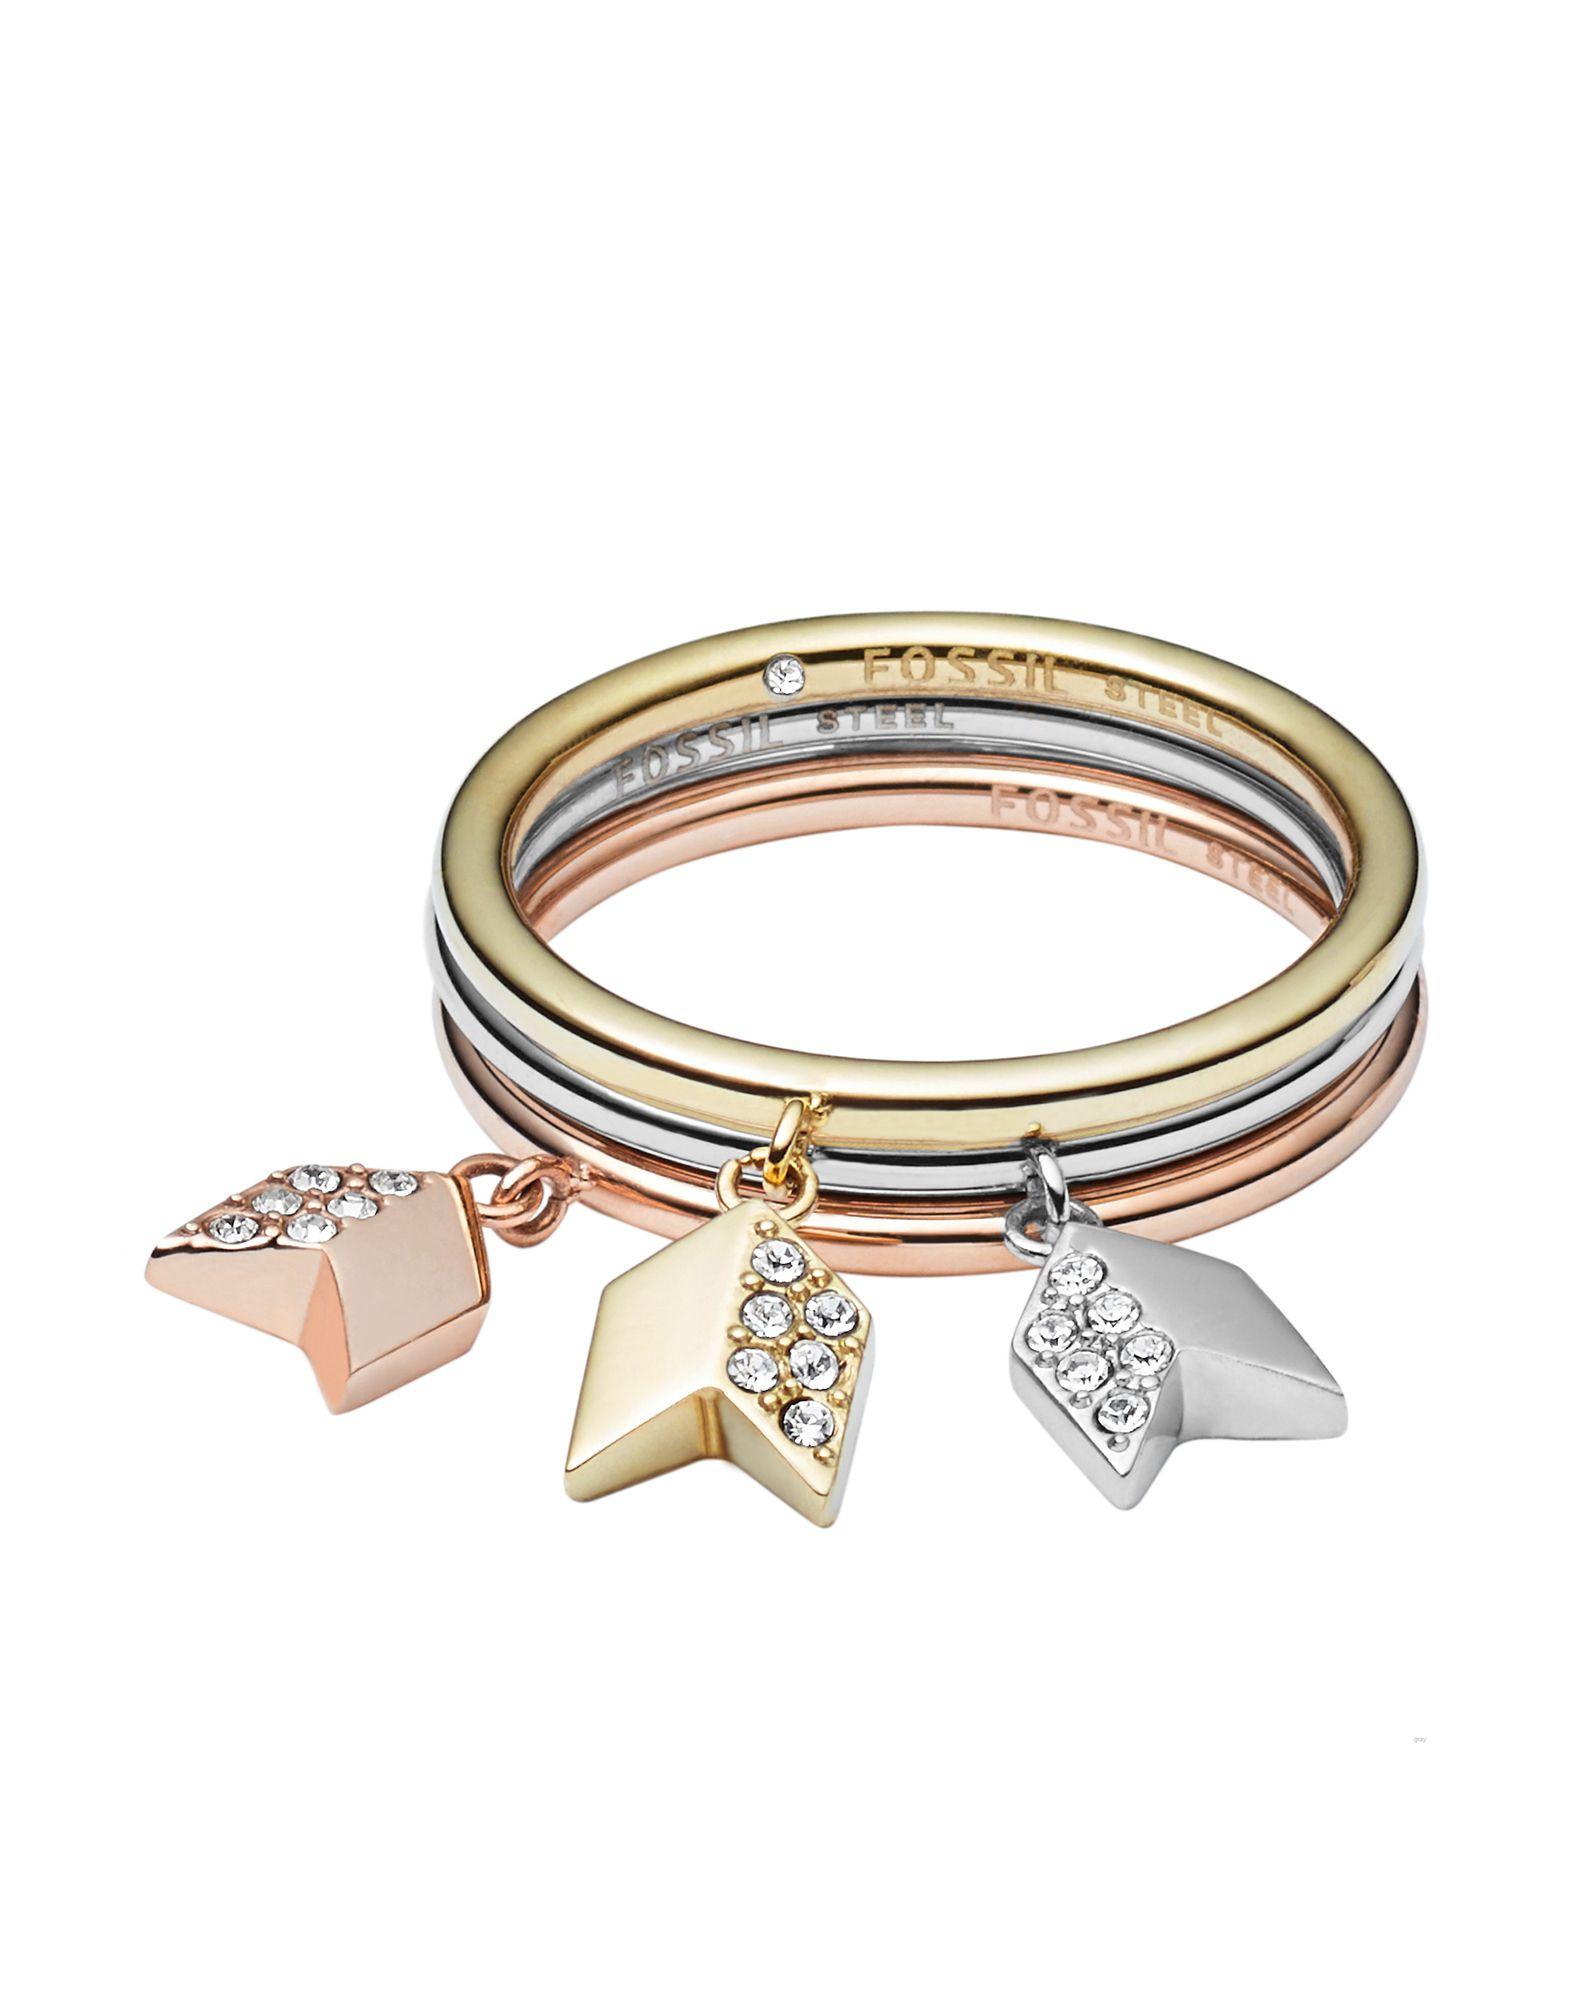 FOSSIL Damen Ring Farbe Silber Größe 14